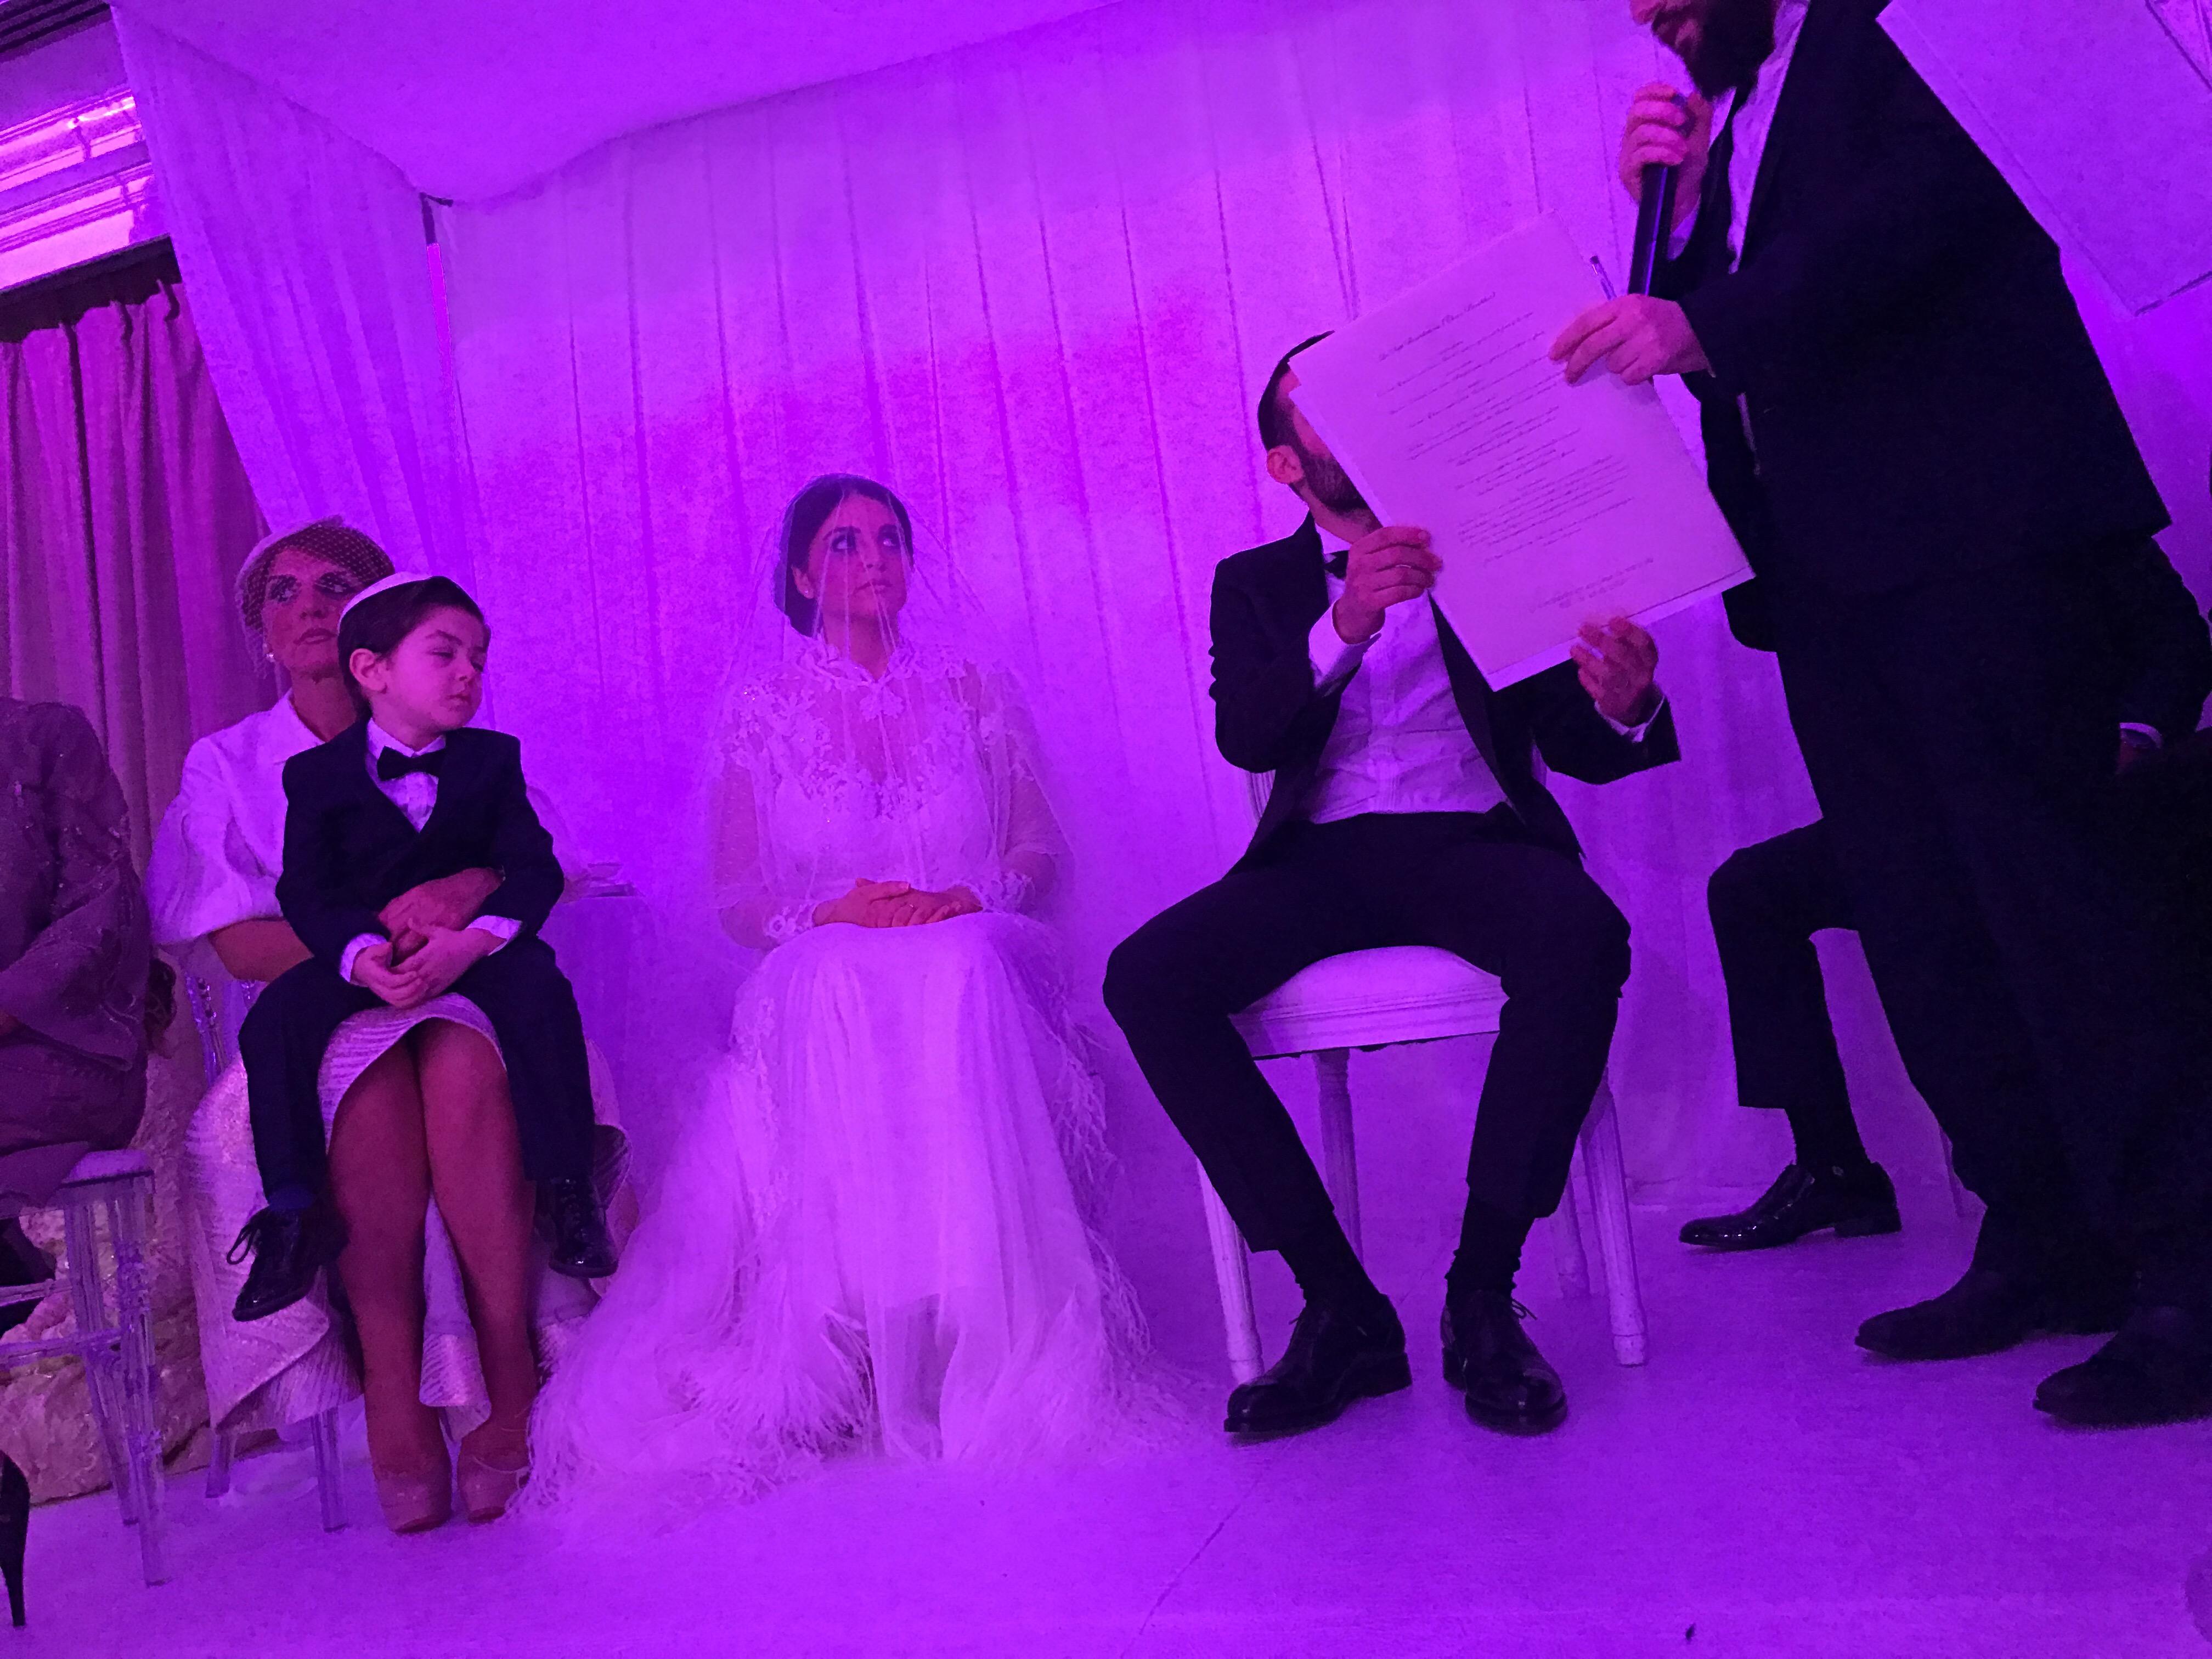 Yoni ELMALEH - Orchestre & DJ LIVE Mariage juifs Chanteur Synagogue Chanteur Houppa - Houpa - bénédictions nuptiales - Bar Mitsvah Nos formules vont de 1 à 10 artistes pour sublimer le plus beau jour de votre vie. http://www.musi-k.fr/houppa-houpa/